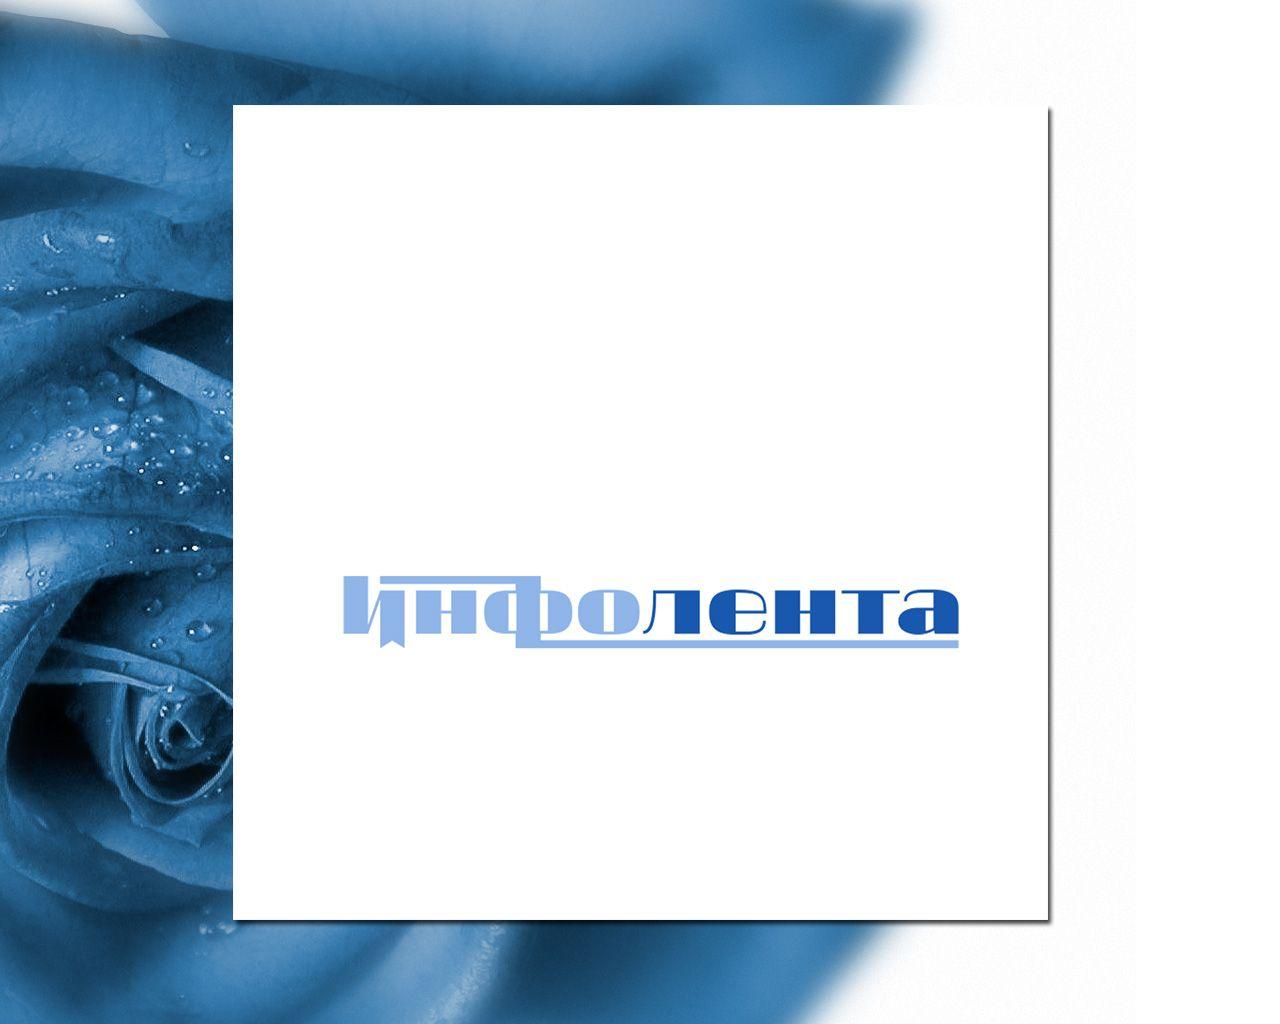 Логотип + цветовой стиль для сайта  интернет-СМИ  - дизайнер Advokat72